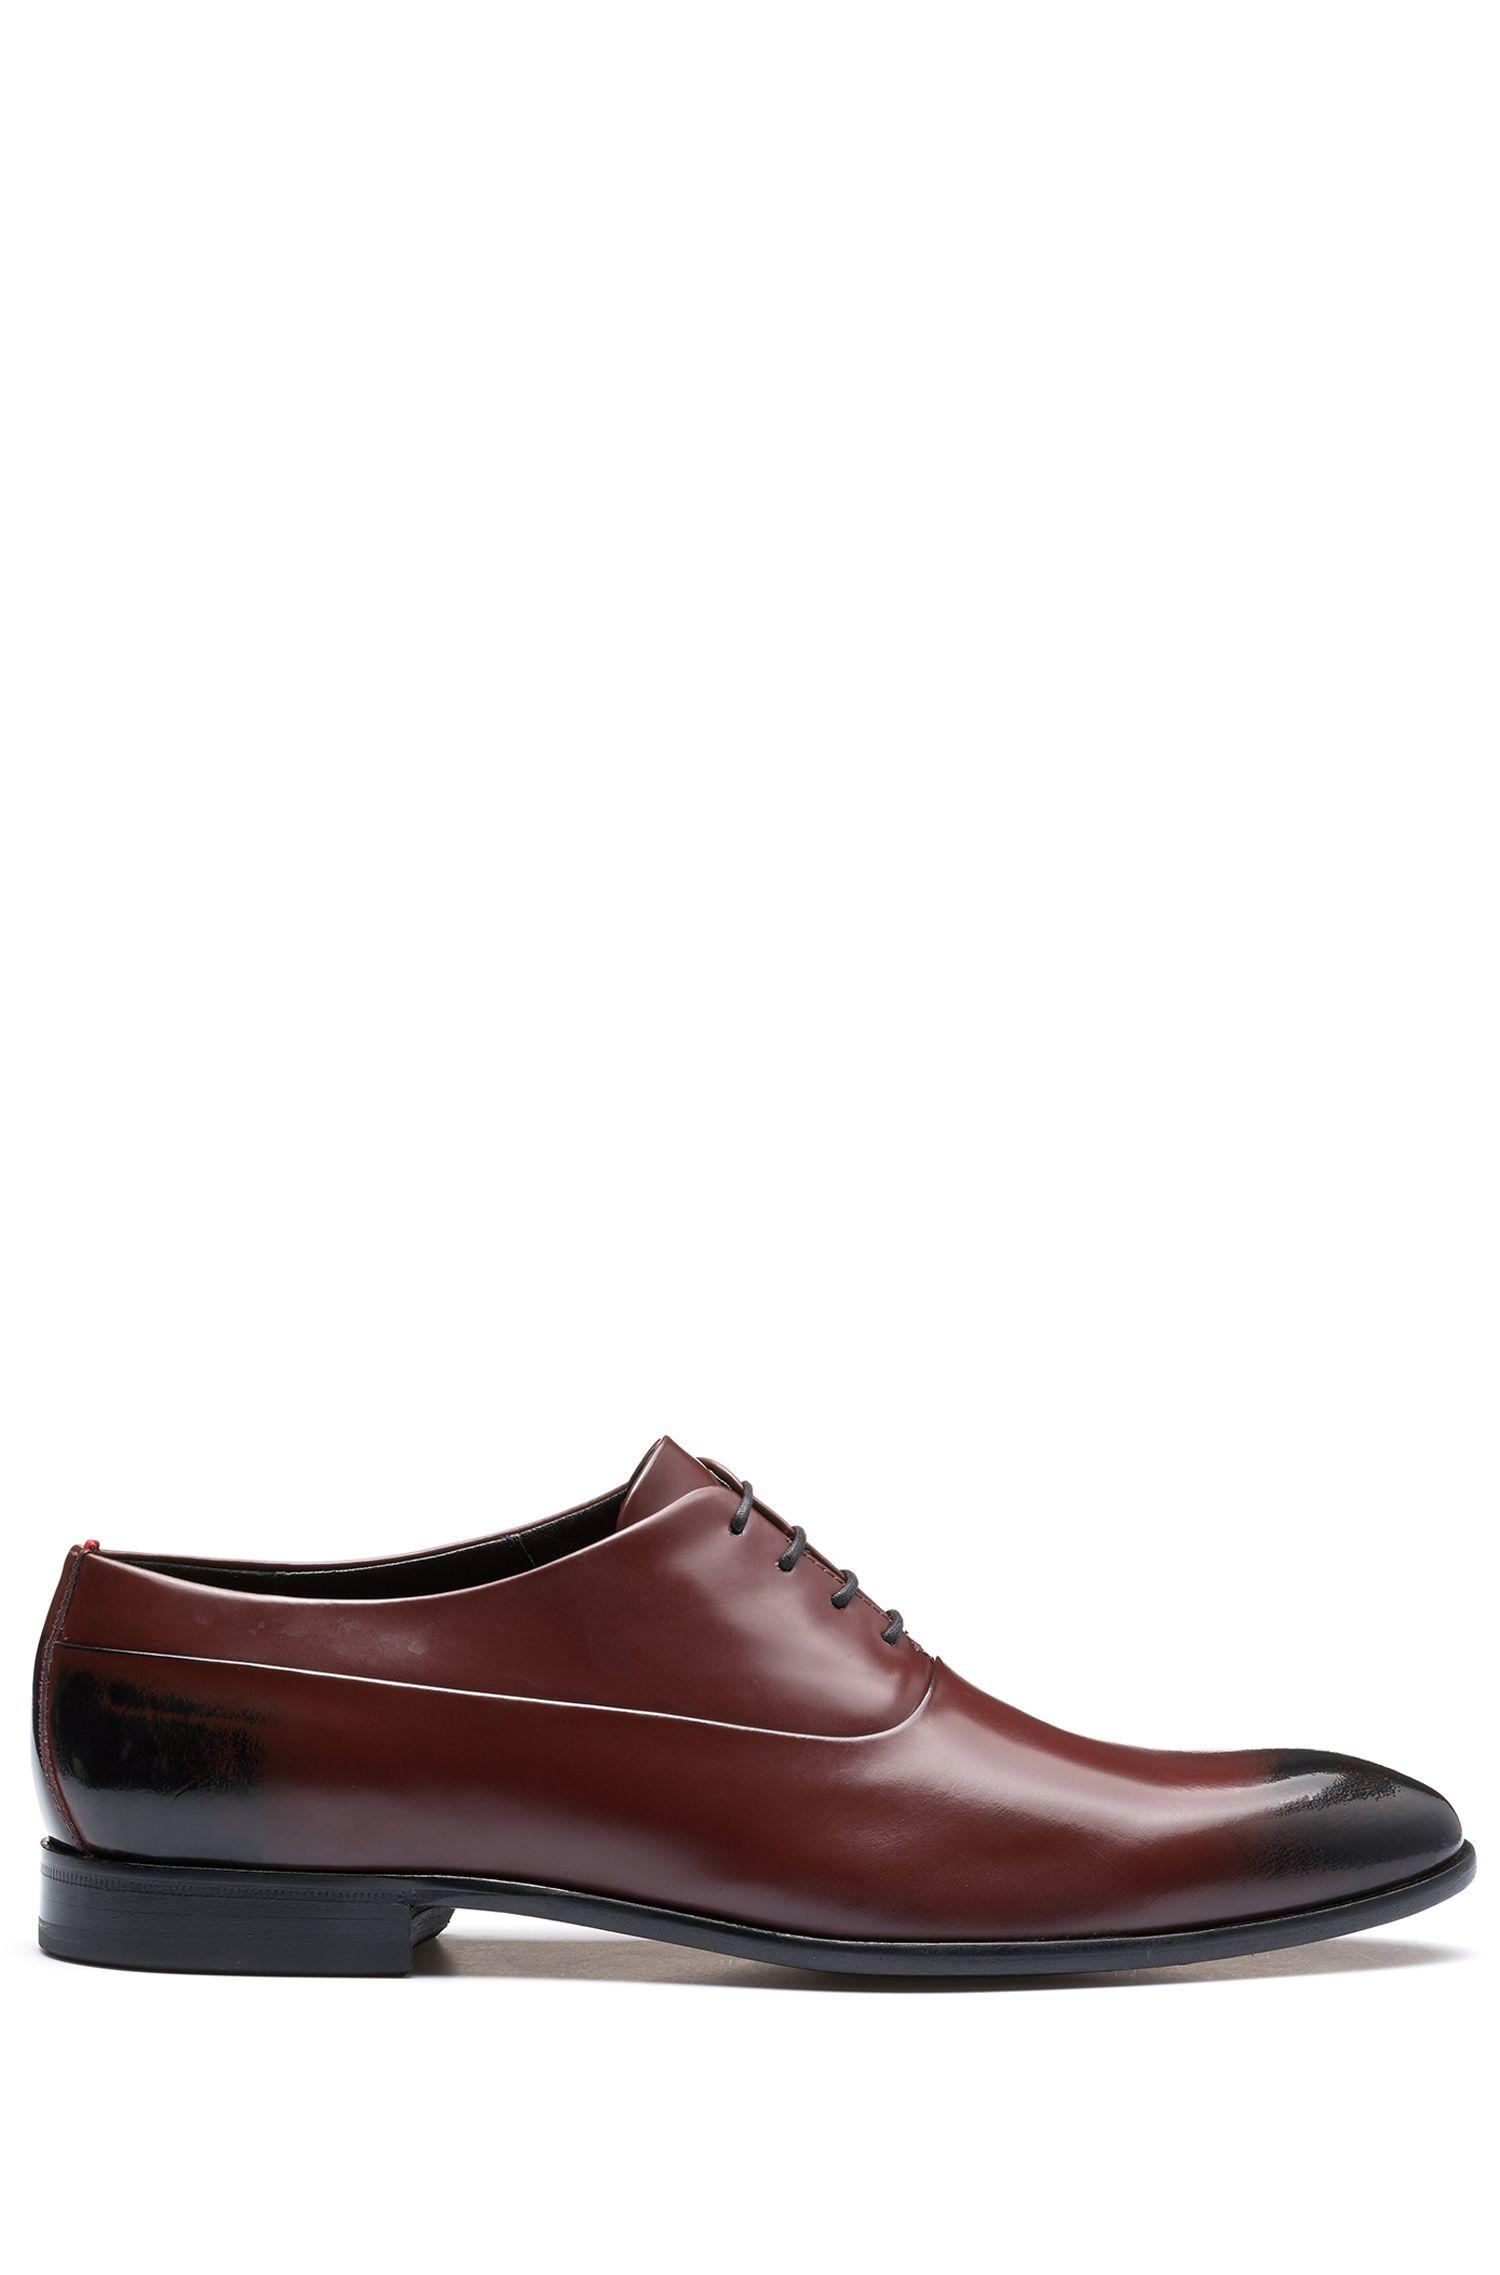 Chaussures Oxford en cuir brossé deux tons